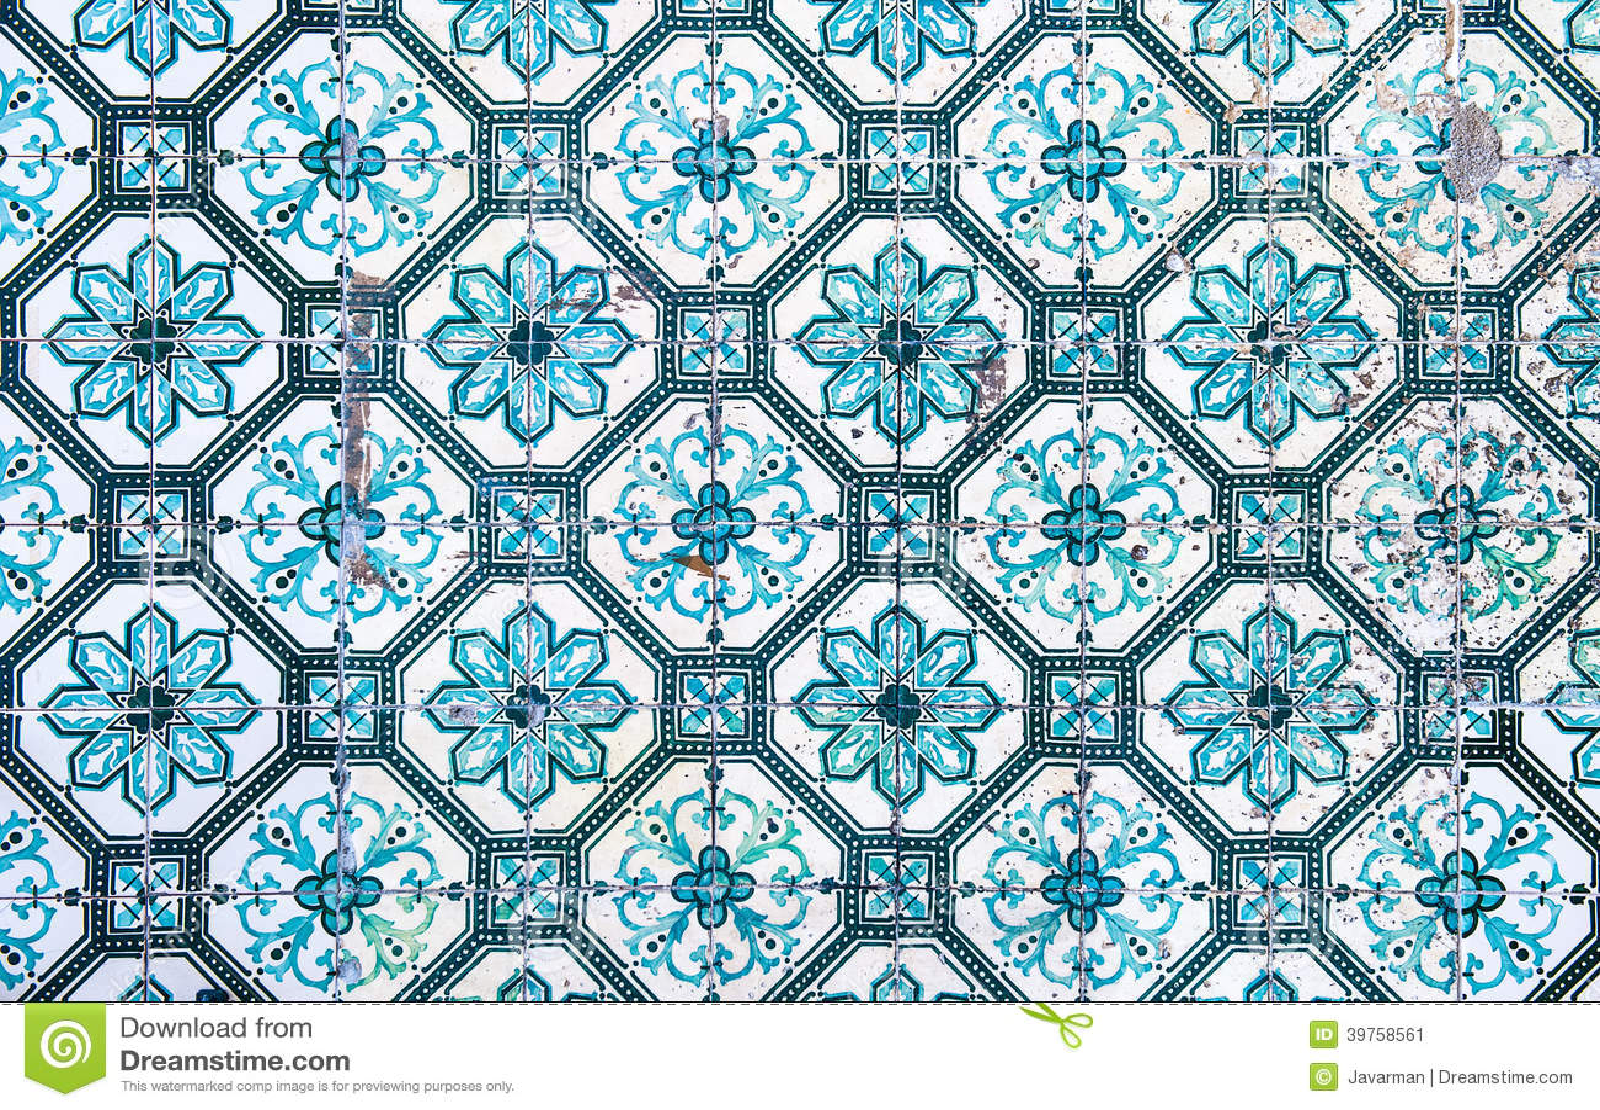 Azulejos tejas portuguesas tradicionales stock de - Imagenes de azulejos ...